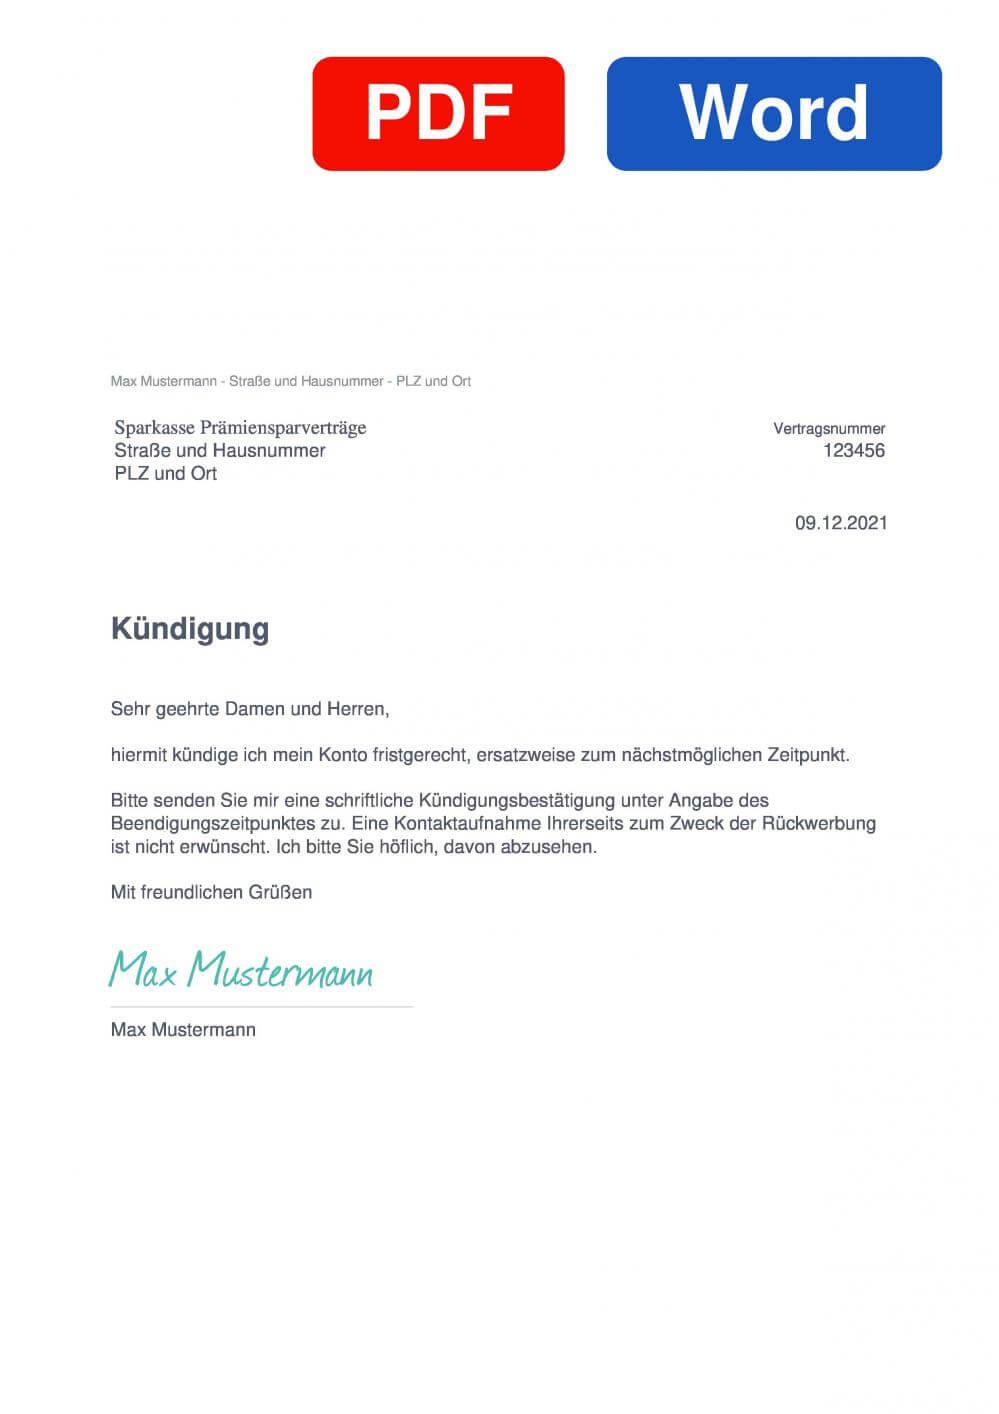 Sparkasse Prämiensparverträge Muster Vorlage für Kündigungsschreiben